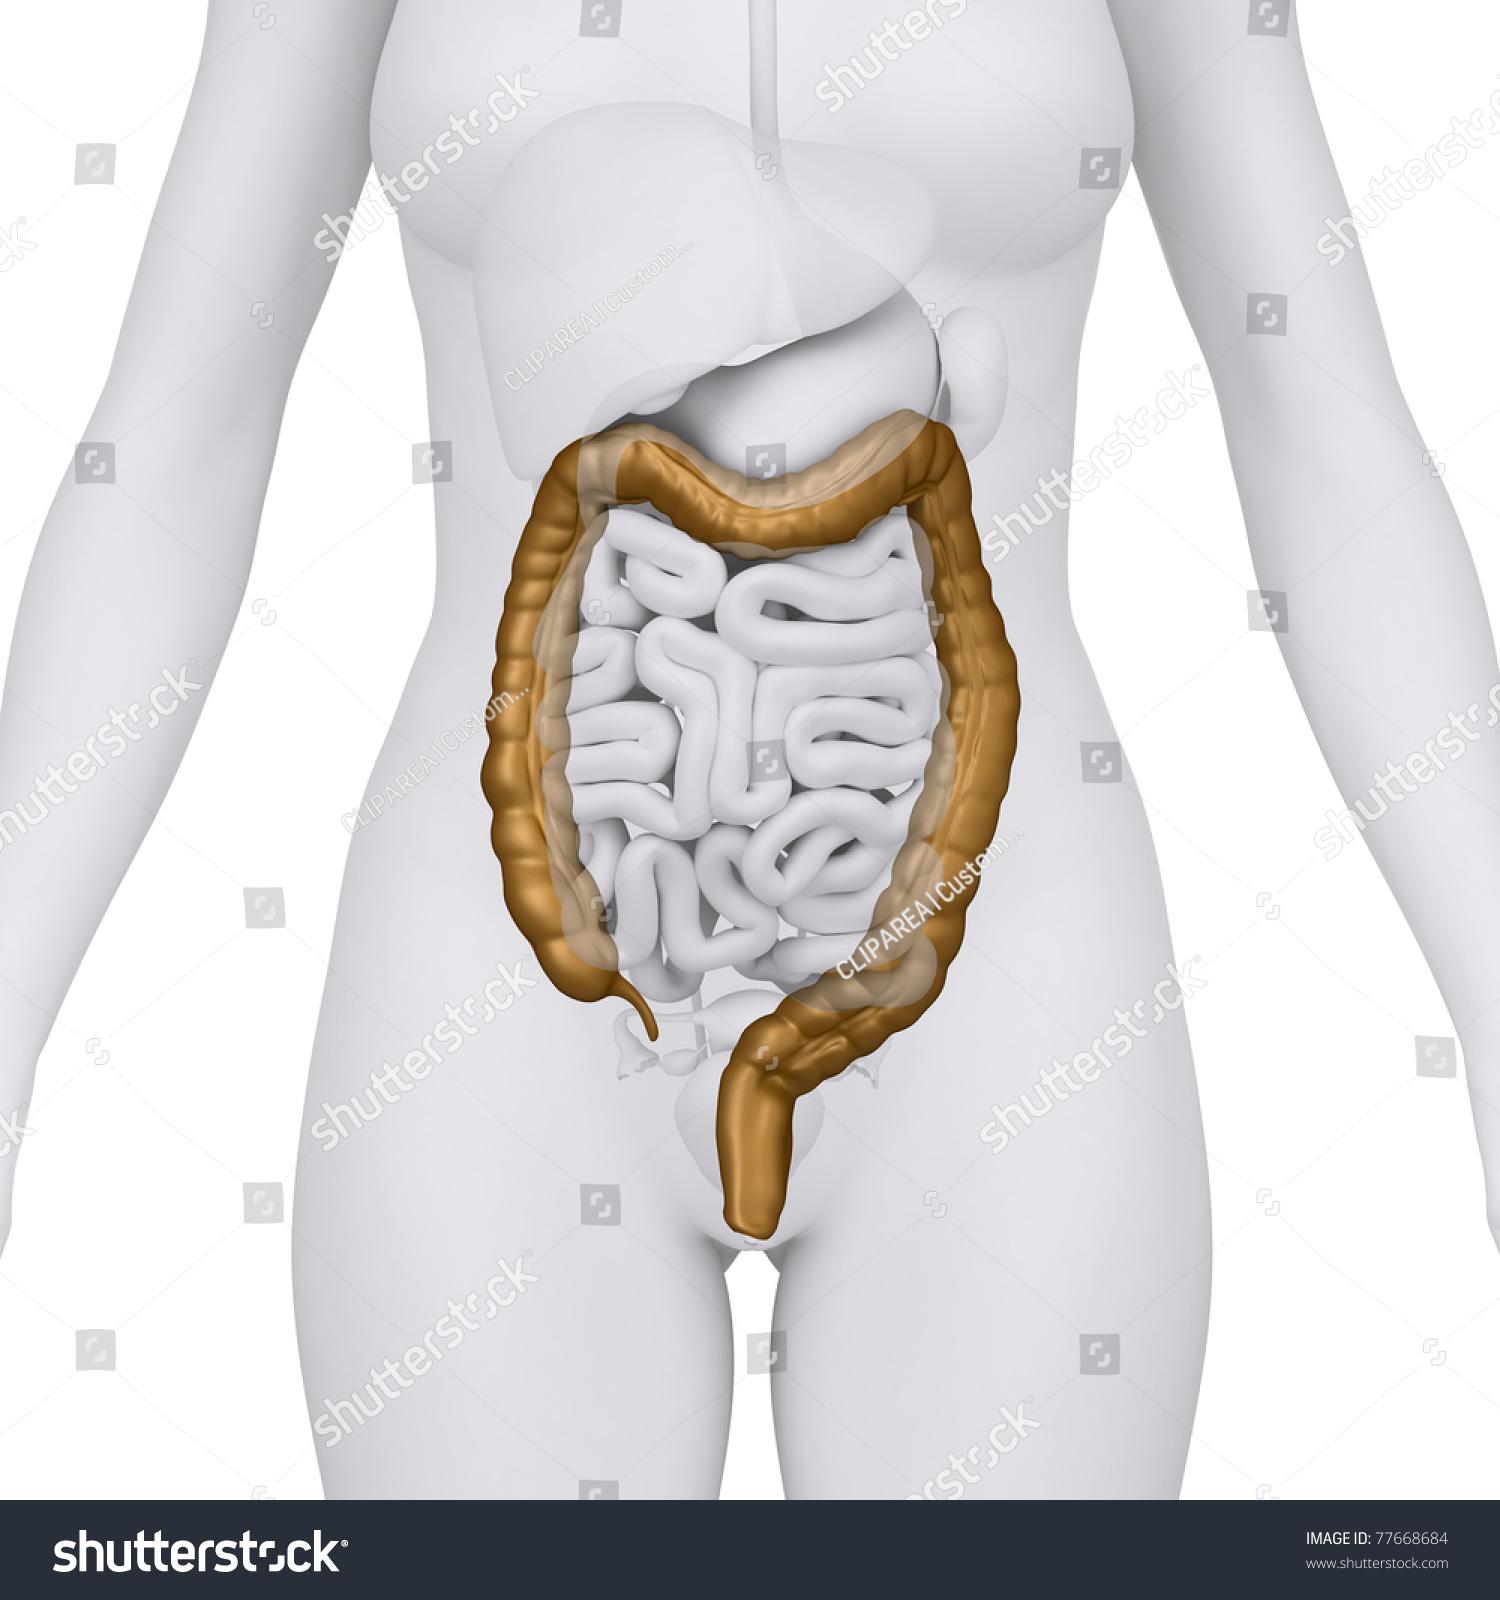 Anatomy pics of abdomen